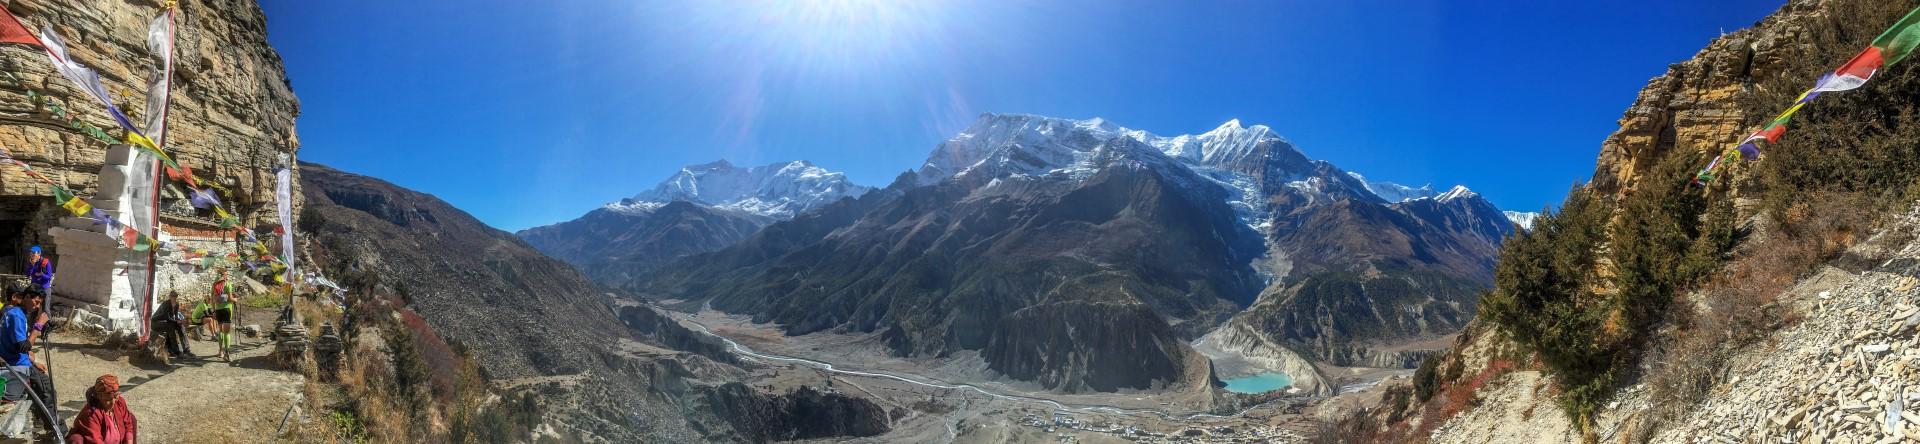 Ausblick von der Prakin Gompa (4000 m ü.d.M.) oberhalb von Manang,wo unsere Gruppe von einer Nonne gesegnet wurde.